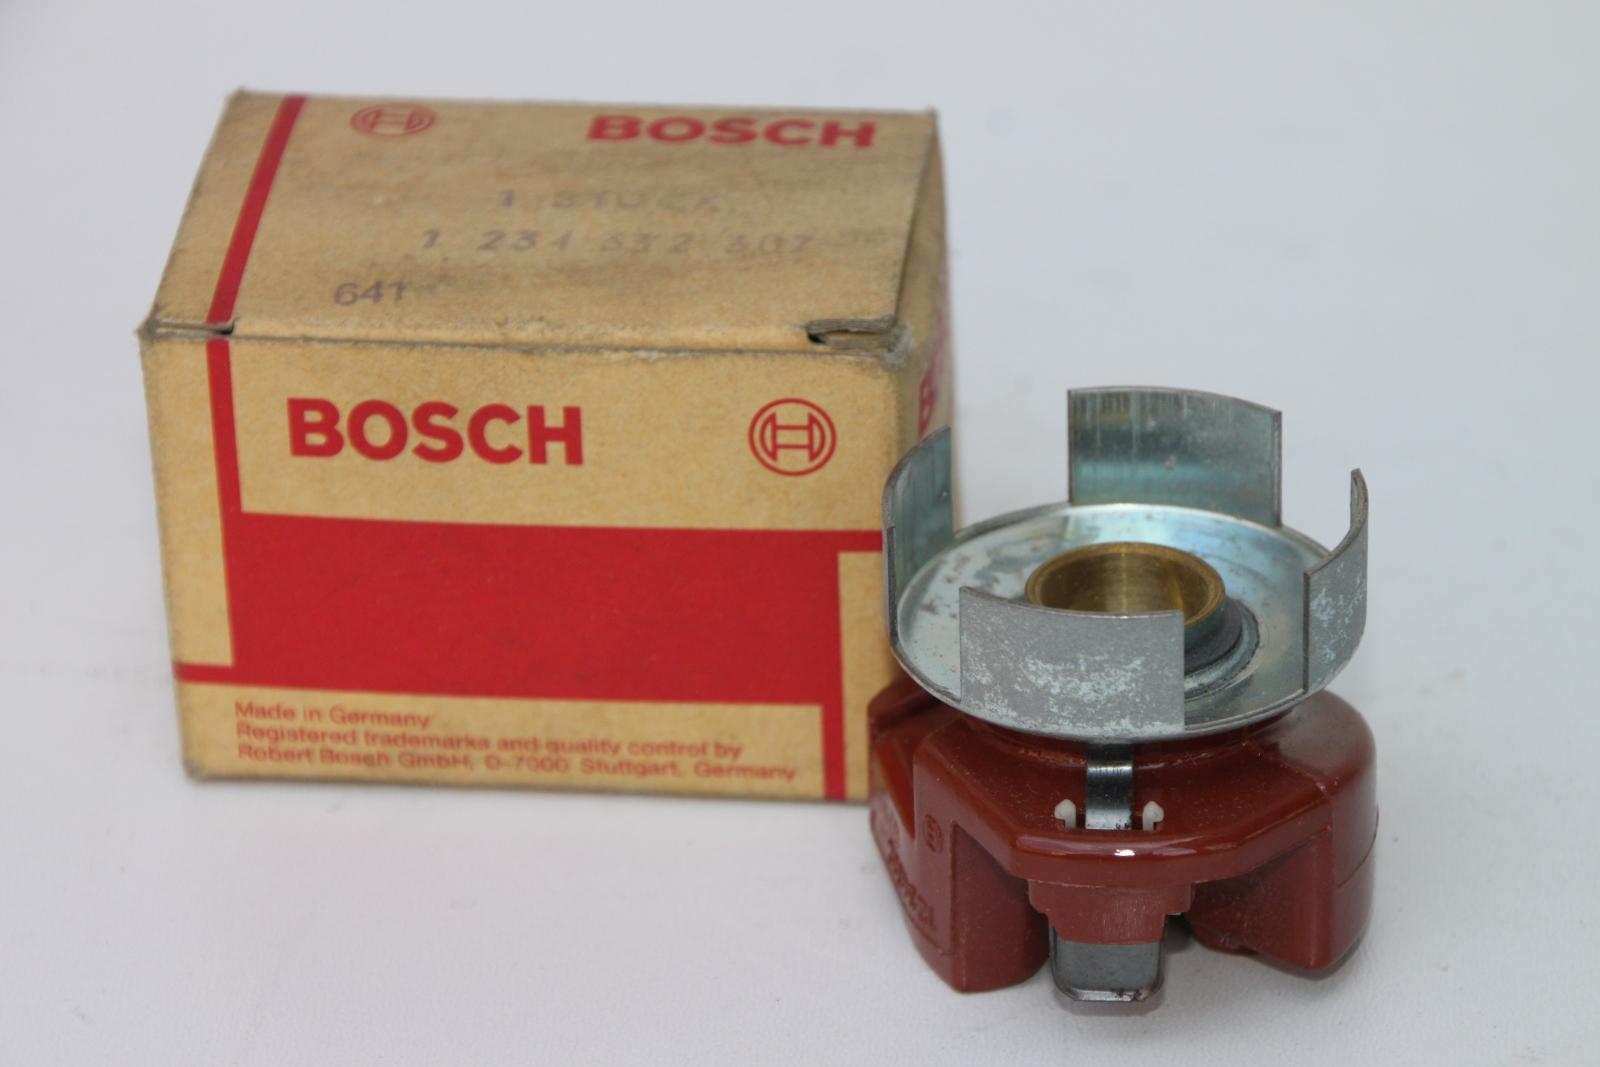 Bosch Rotor 1234332307 2307 Zündverteilerläufer Verteilerfinger